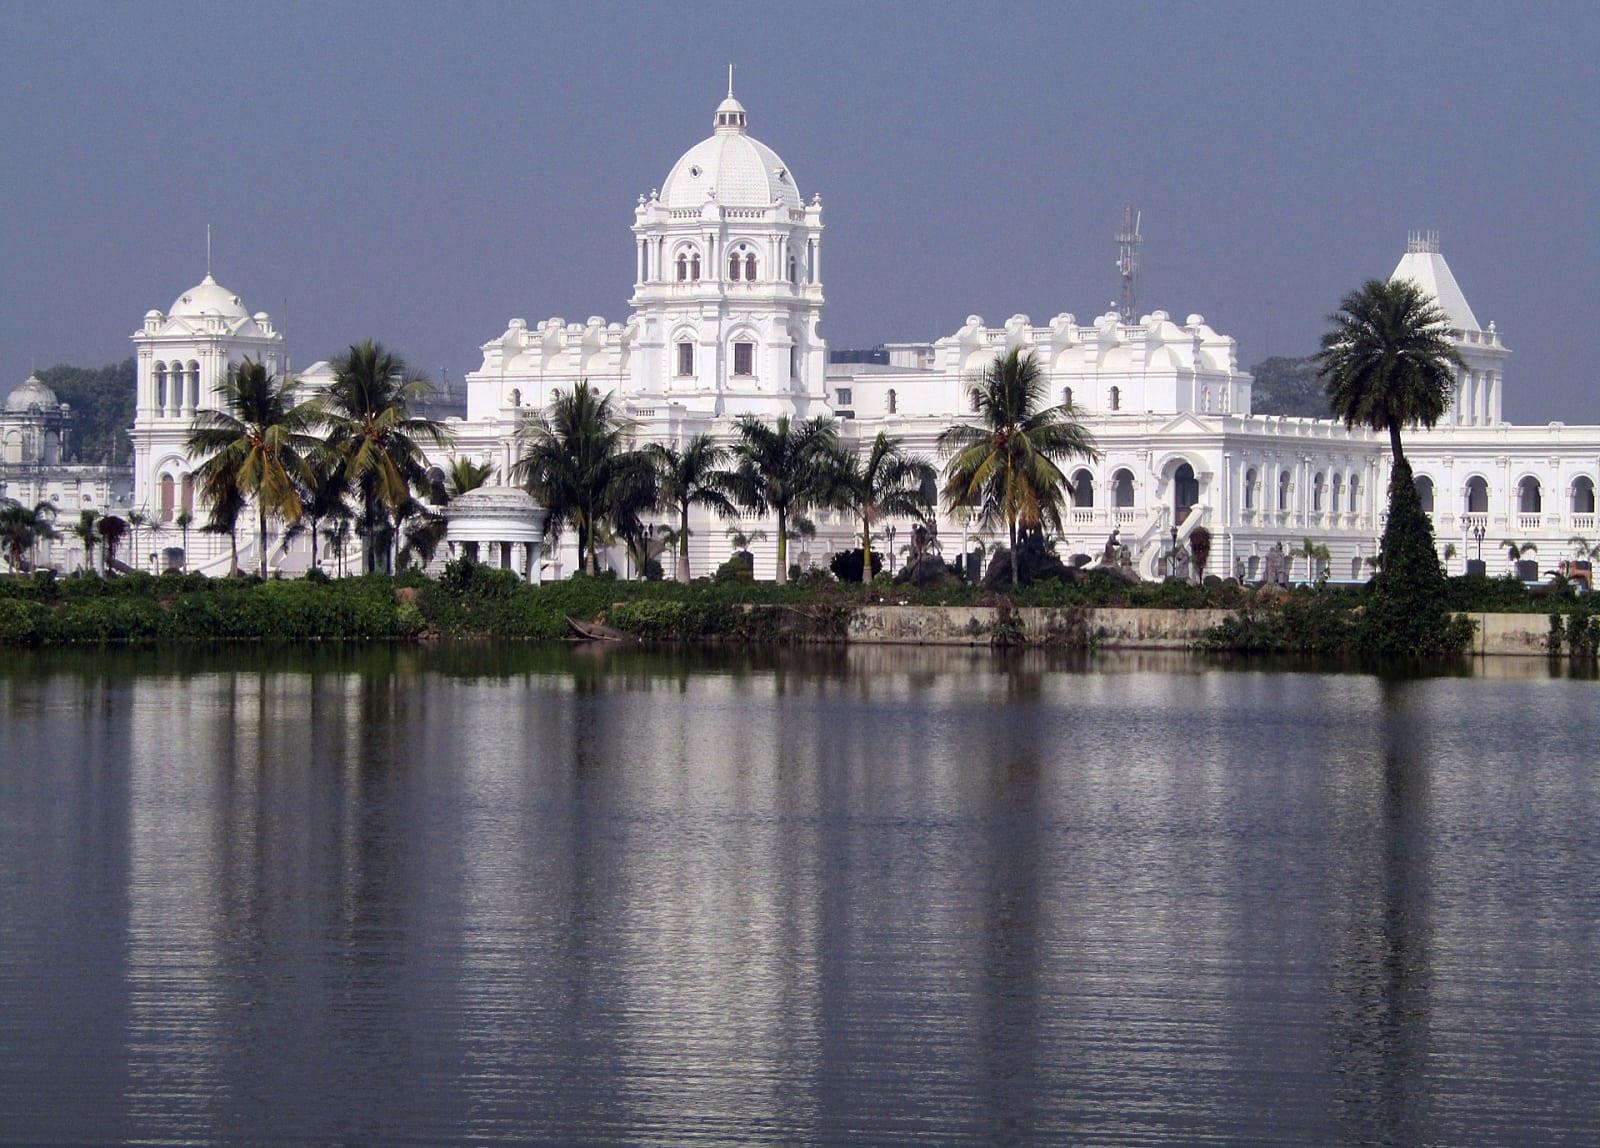 ইন্ডিয়াতে কম খরচে শপিং রাজ্য আগরতলা